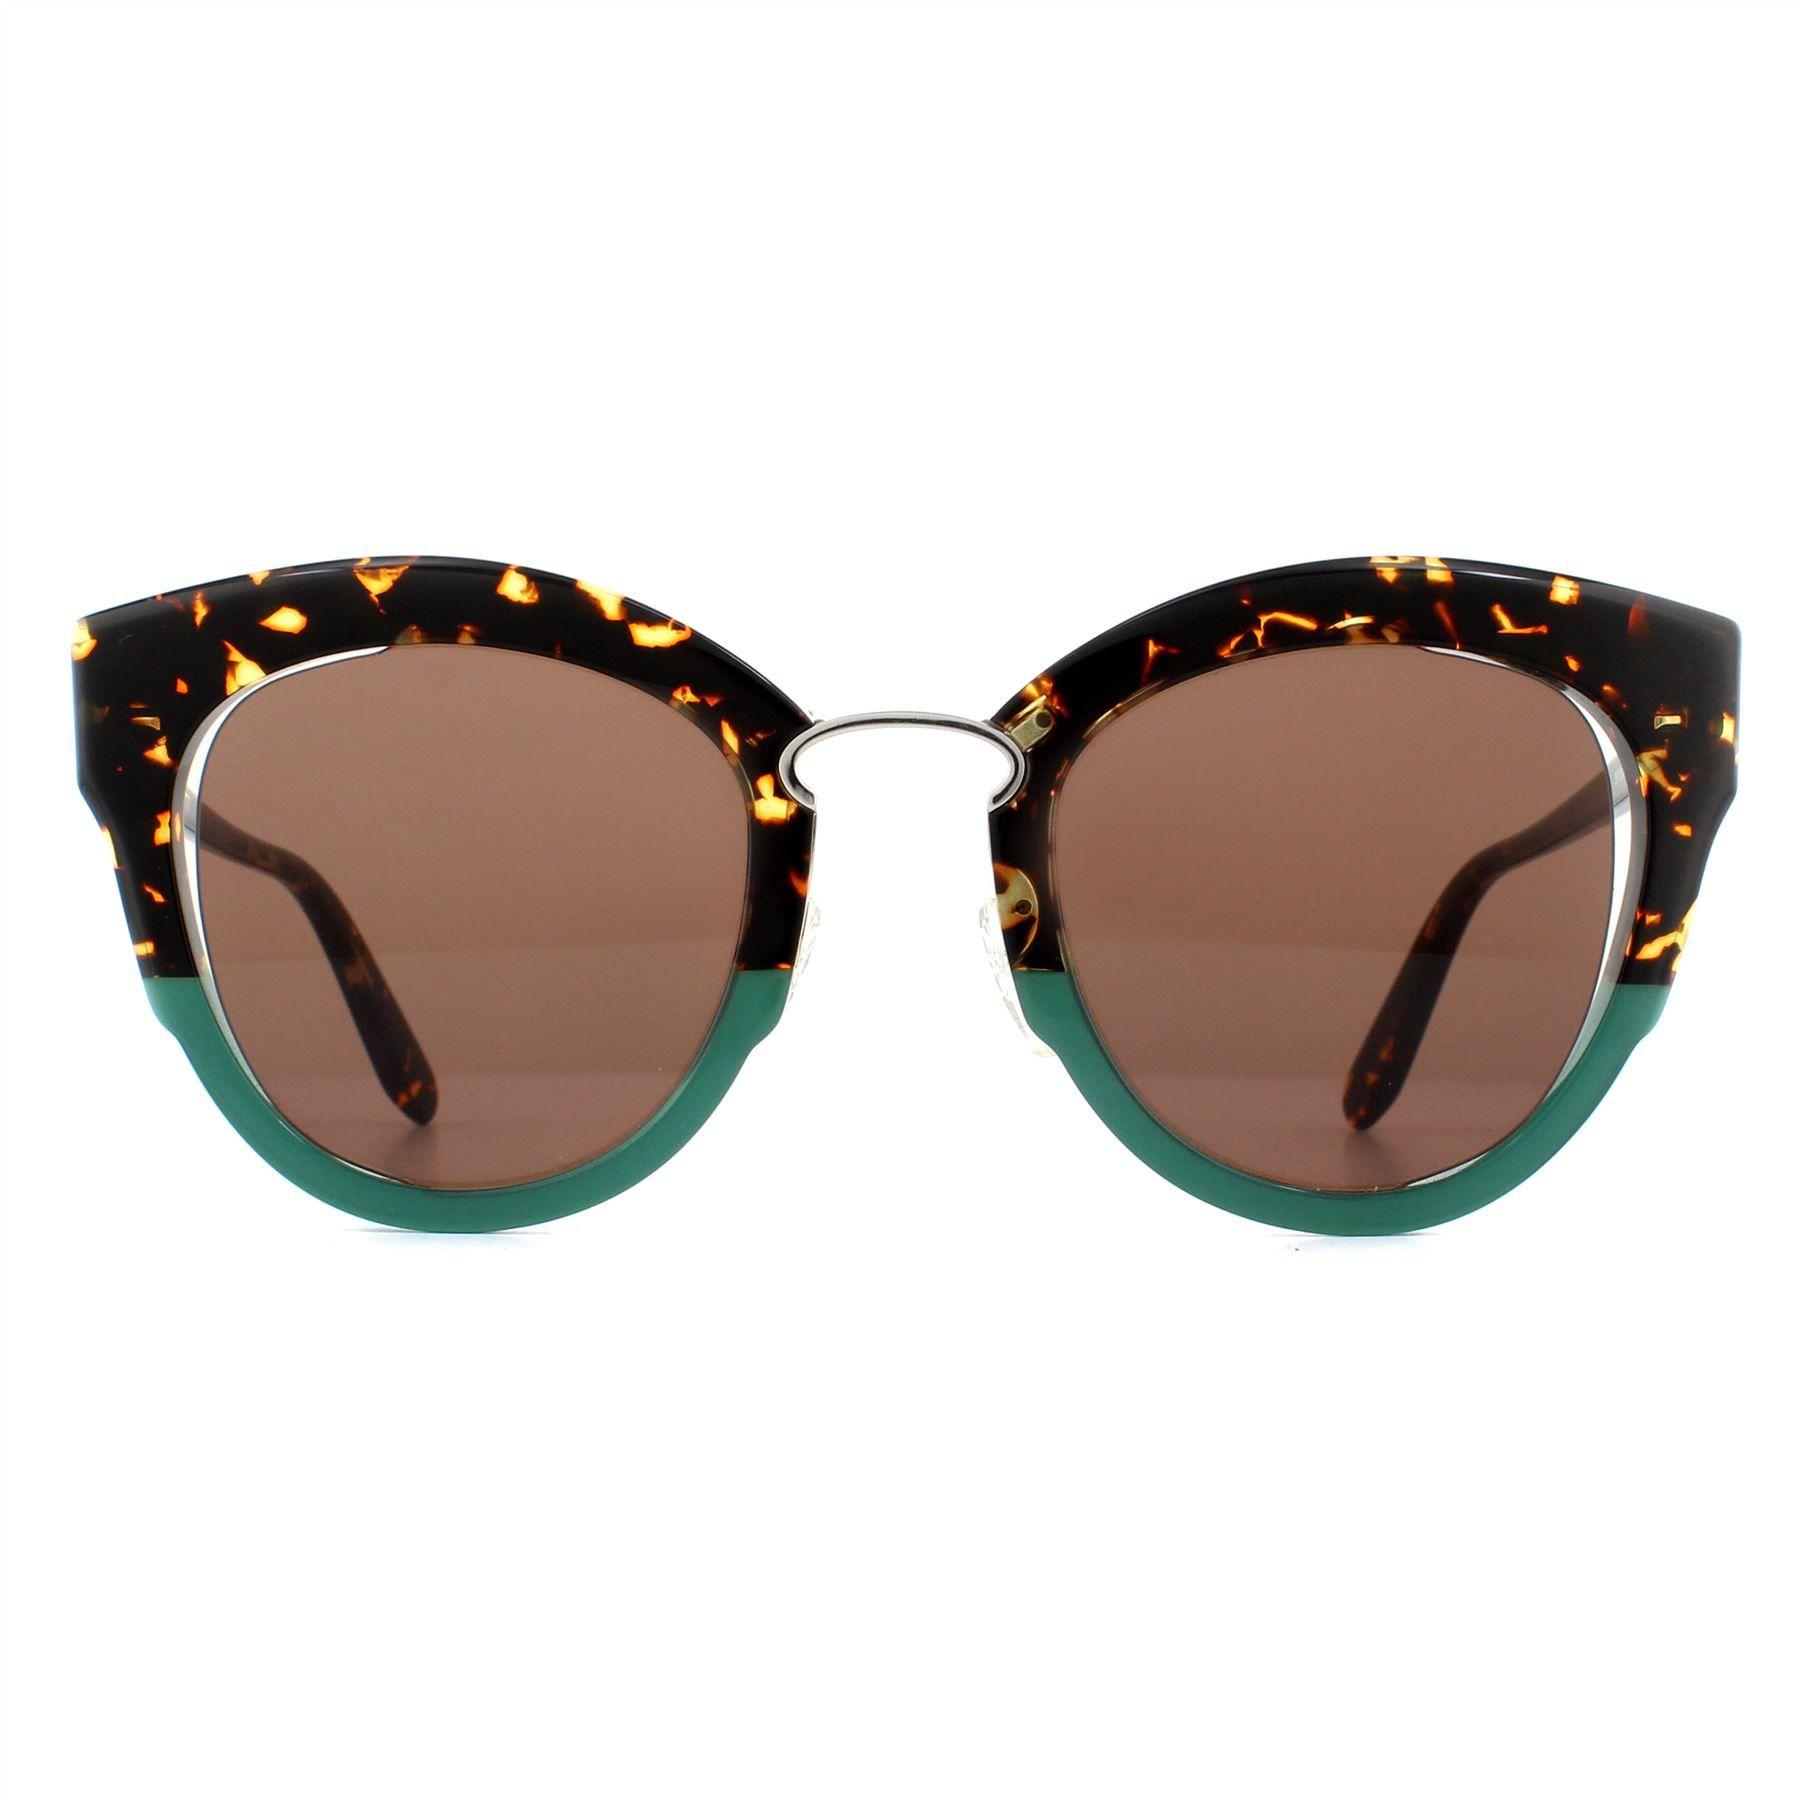 Salvatore Ferragamo Sunglasses SF830S 220 Tortoise Green Brown